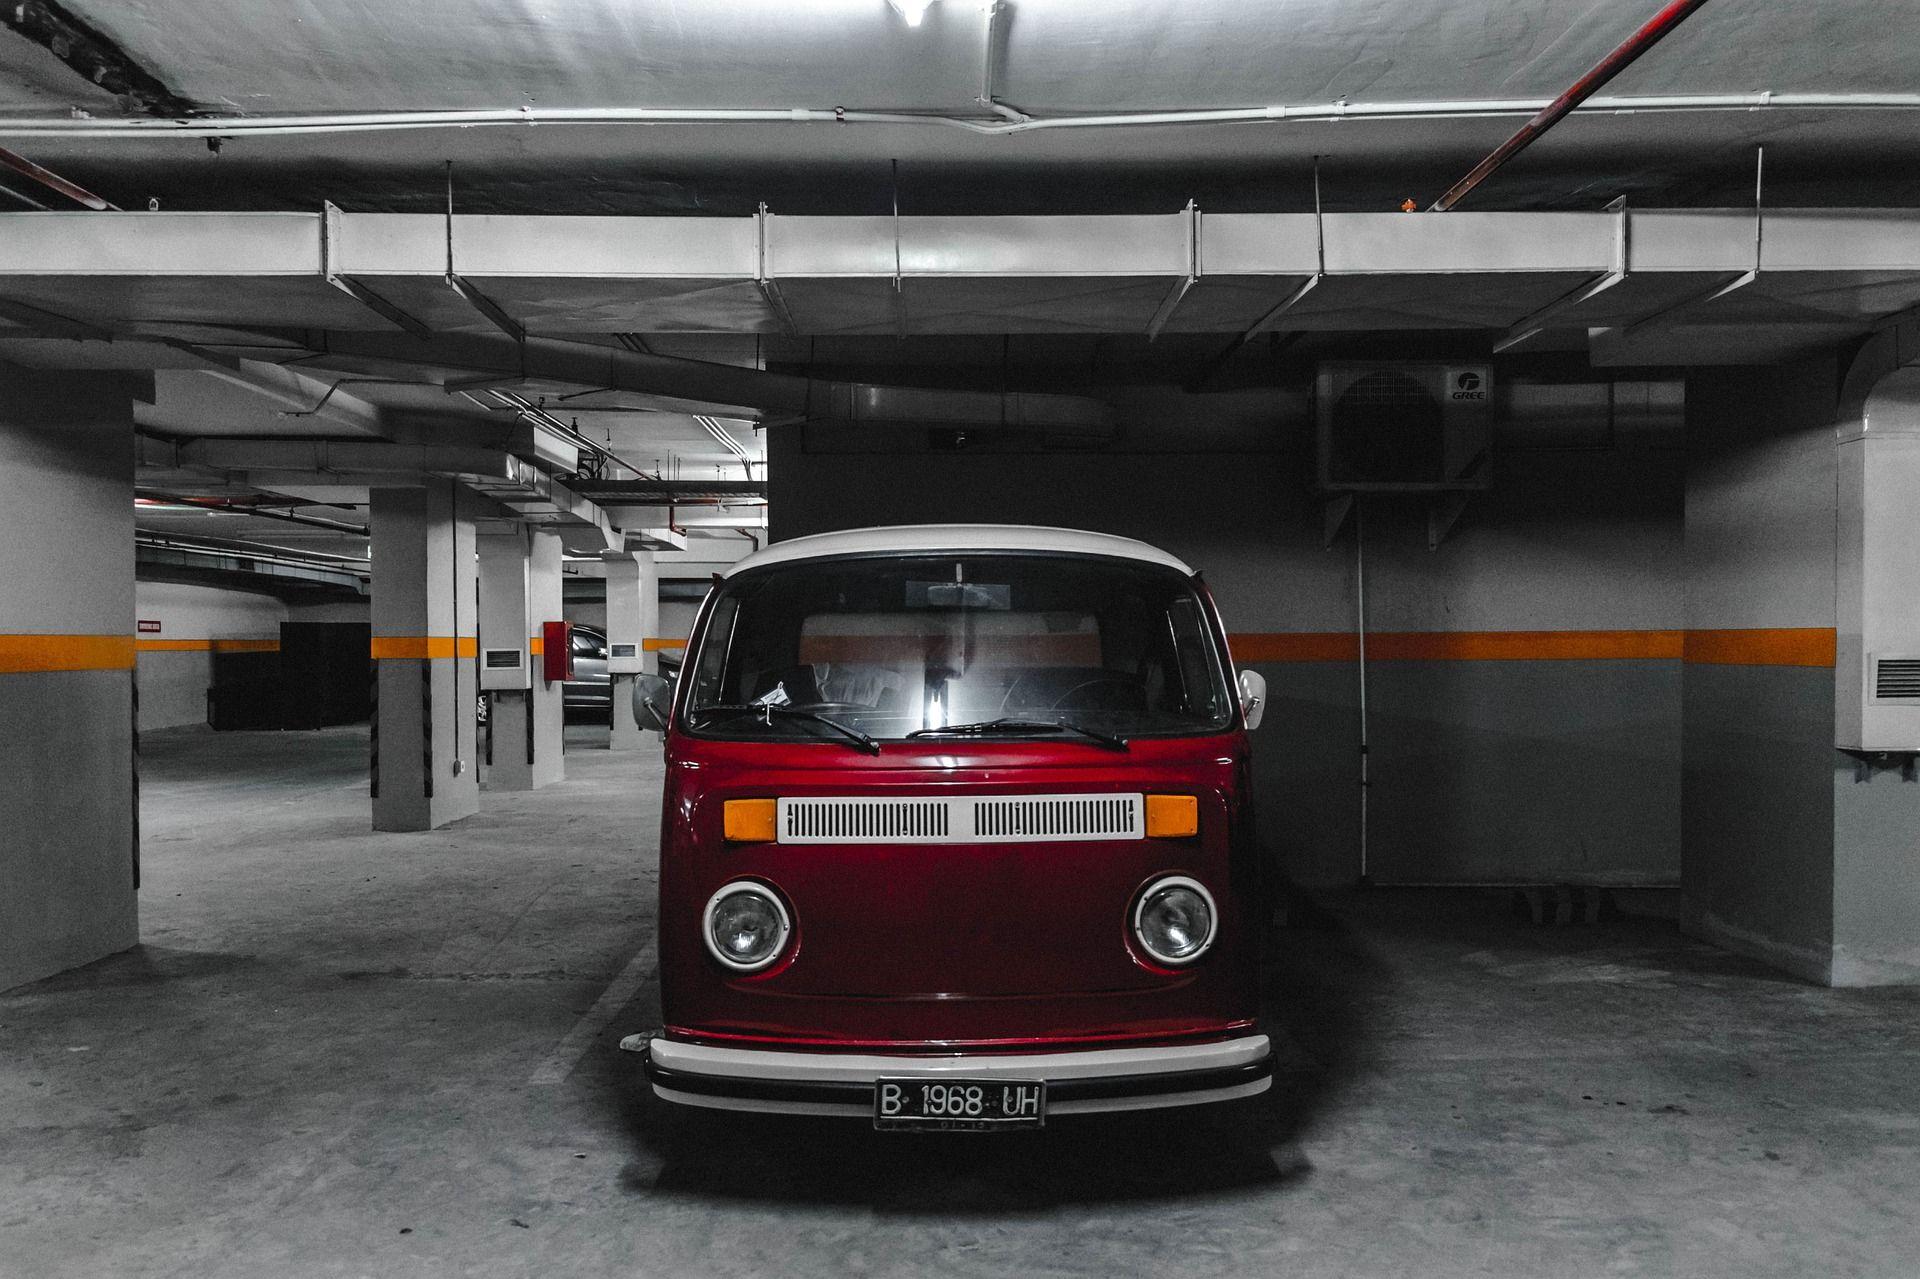 Alquiler de plazas de garaje en carabanchel madrid las - Alquiler plazas de garaje madrid ...